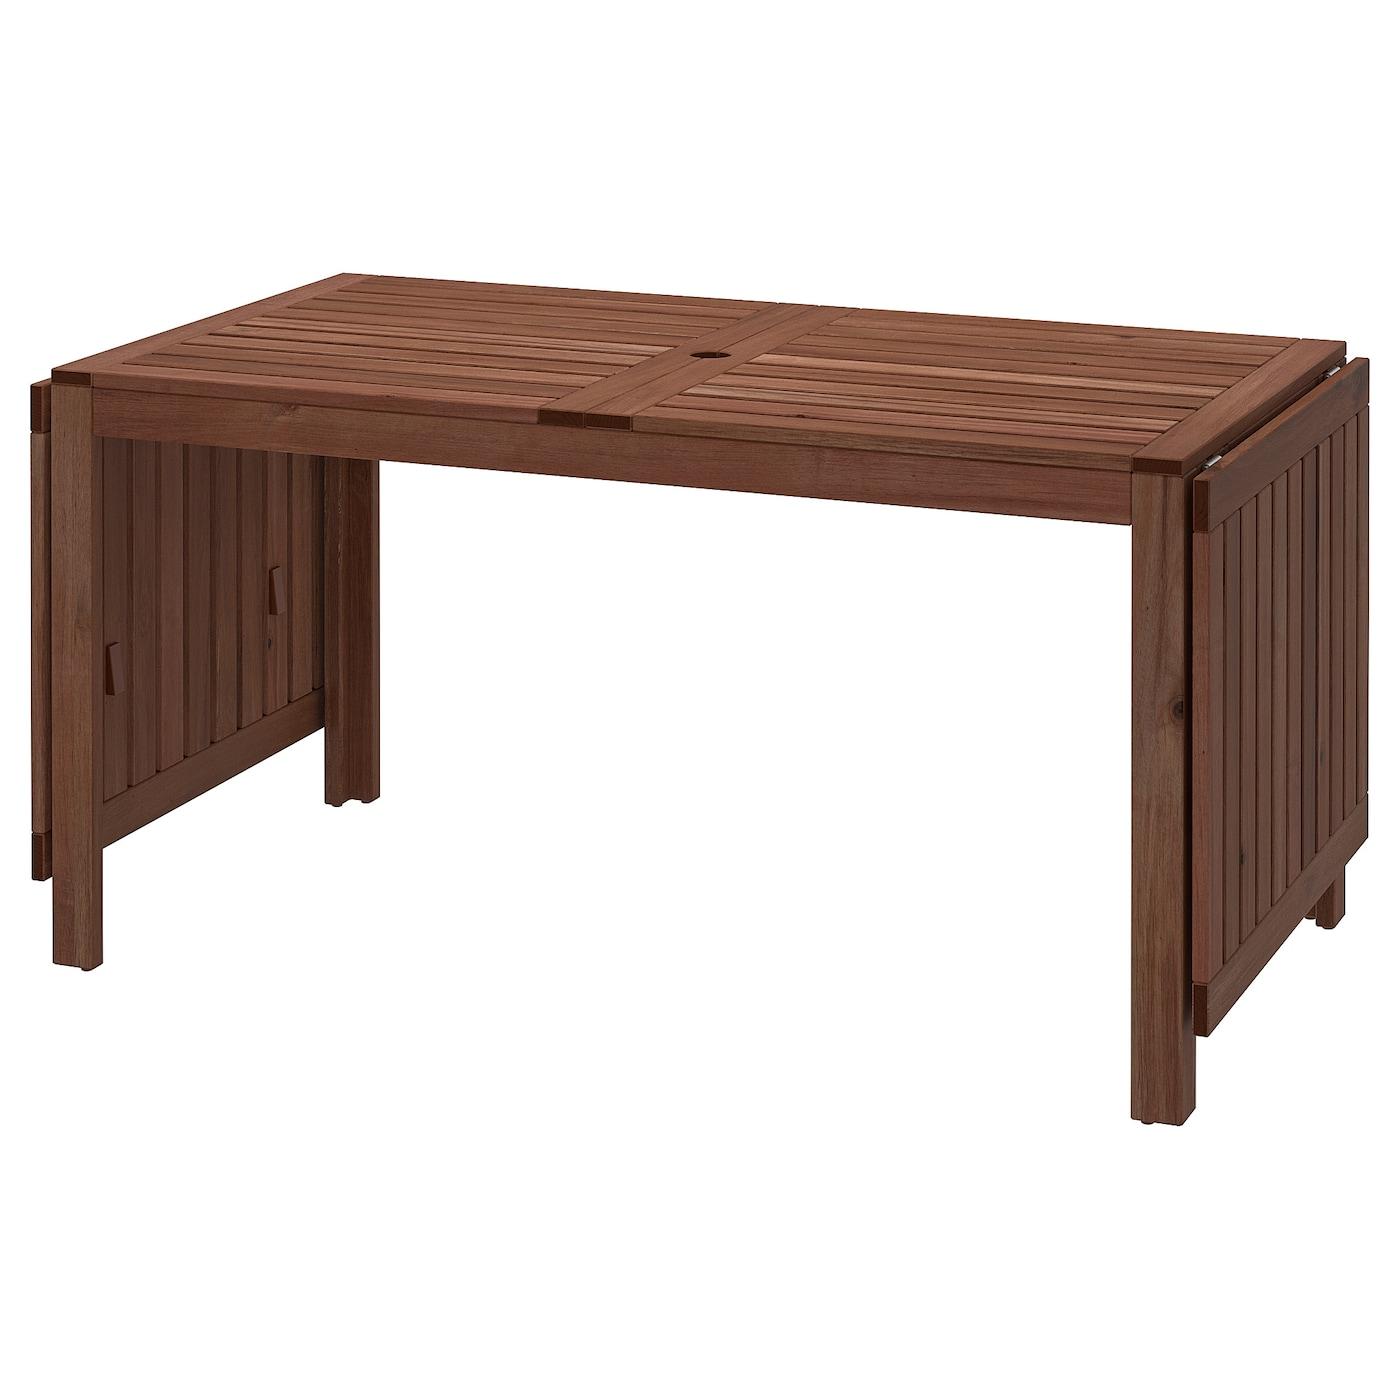 Tavoli Da Giardino In Legno Ikea.Applaro Tavolo A Ribalta Da Esterno Marrone Mordente Marrone